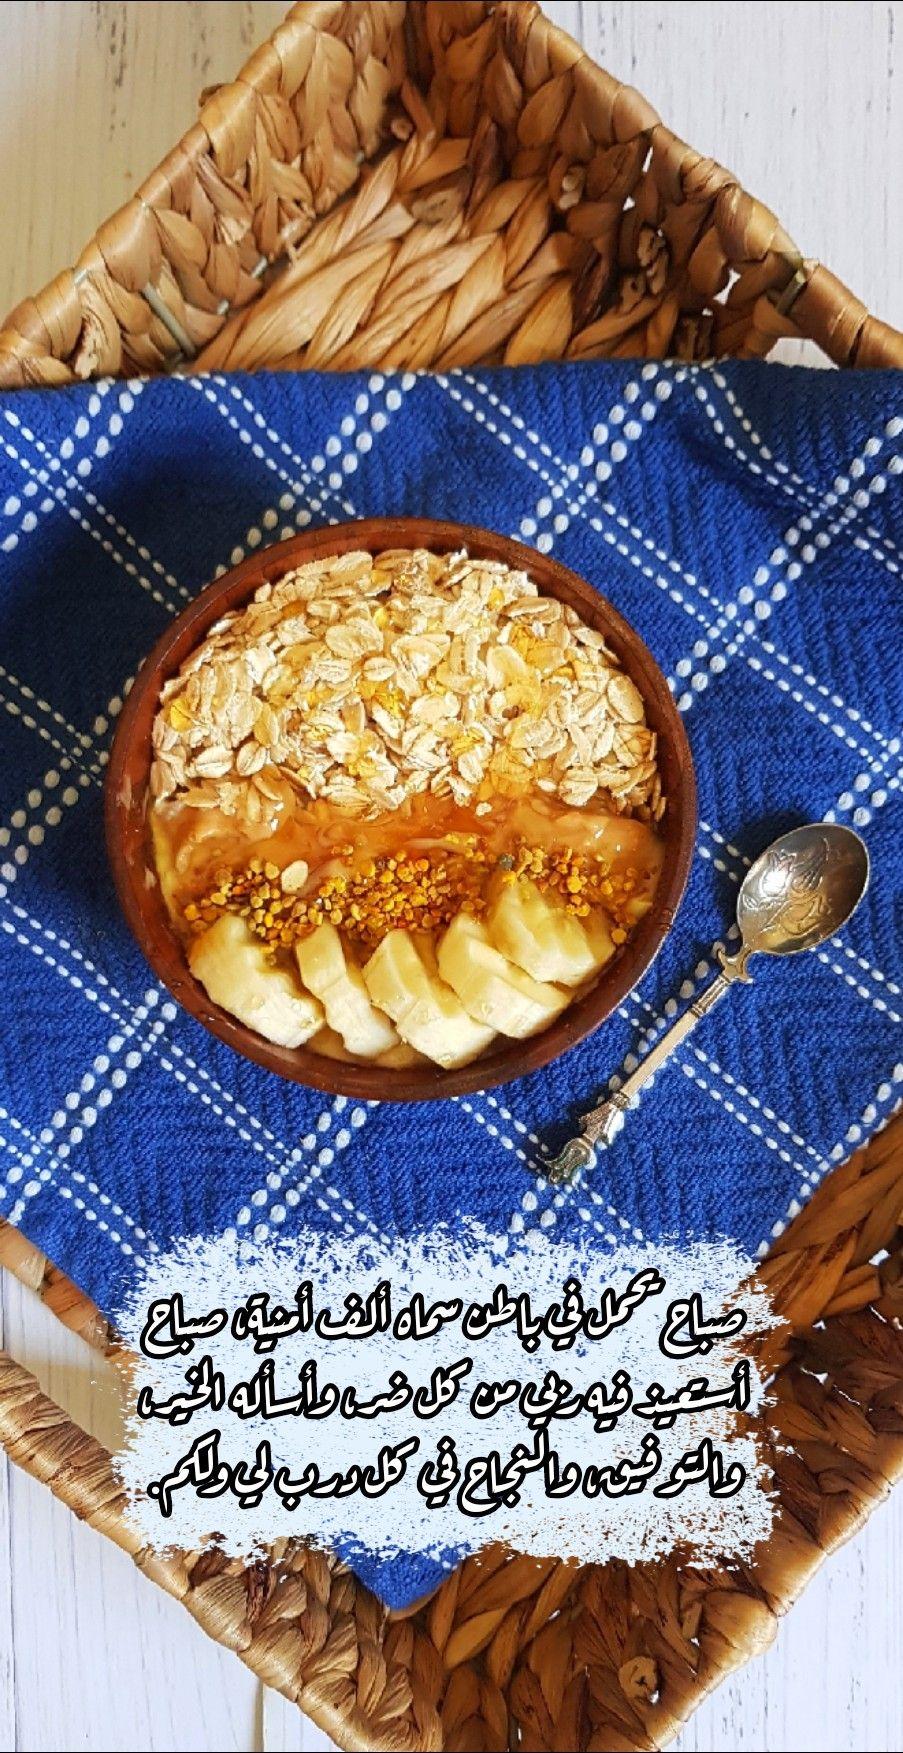 فطور صحى Healthy Breakfast Desserts Food Breakfast